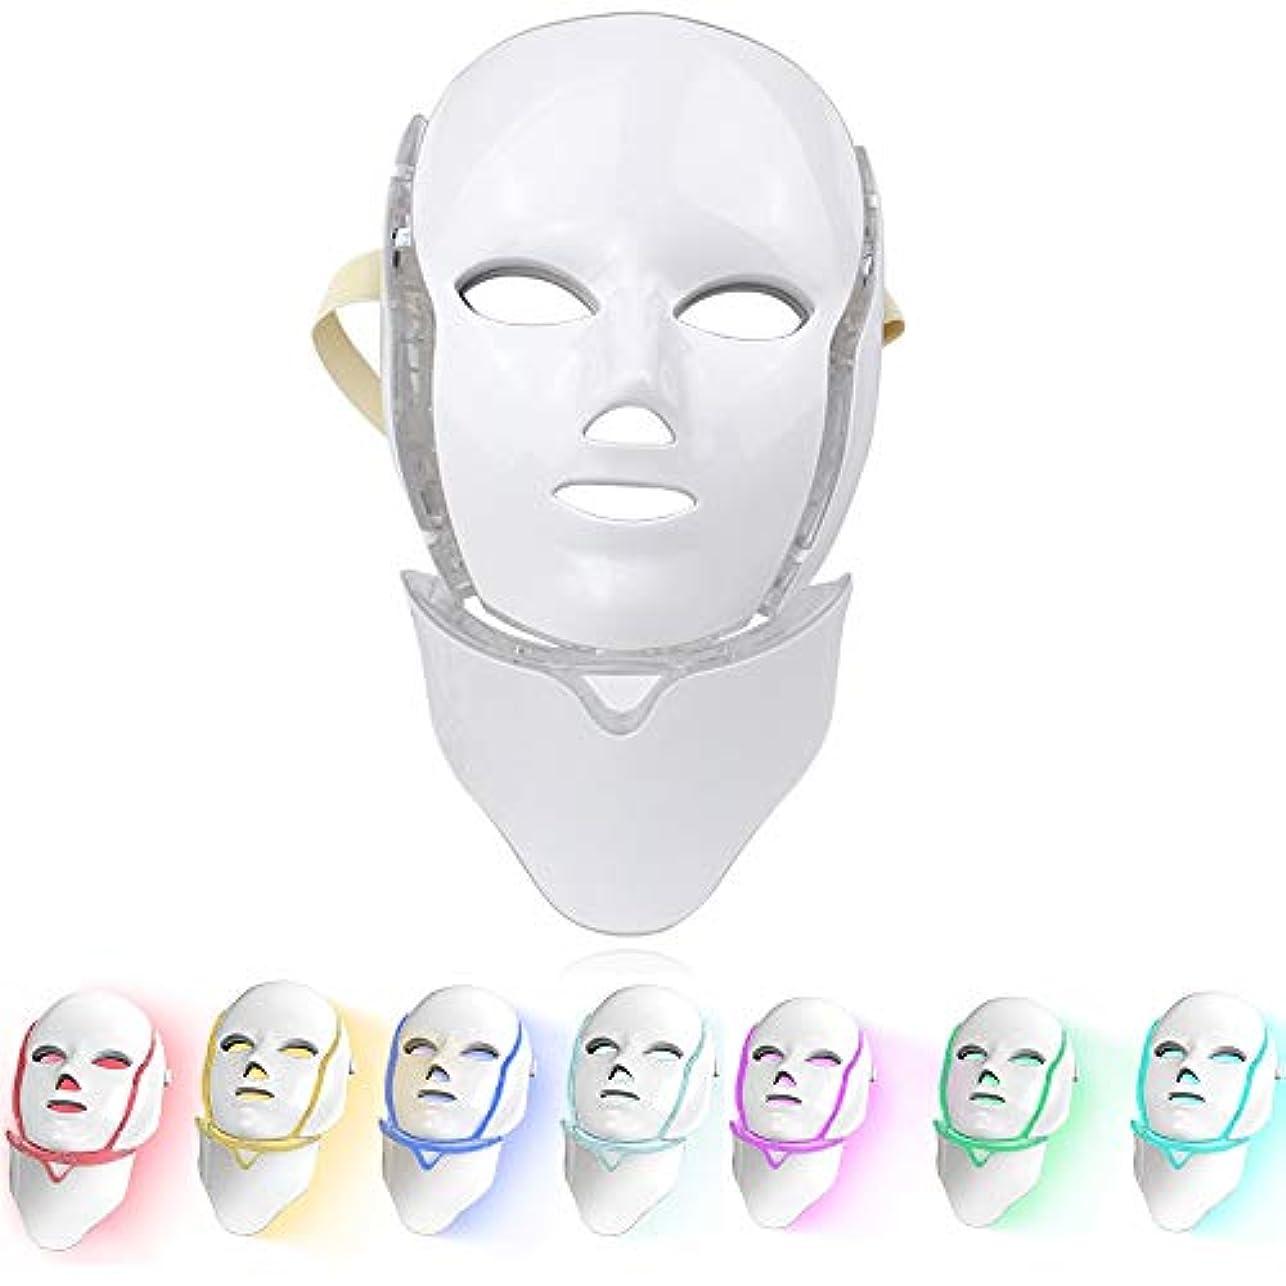 結紮プライムクールLED光線療法マスク(ネック付き)7色光線治療スキンケア美容光線療法アンチエイジングアクネリンクルマスク